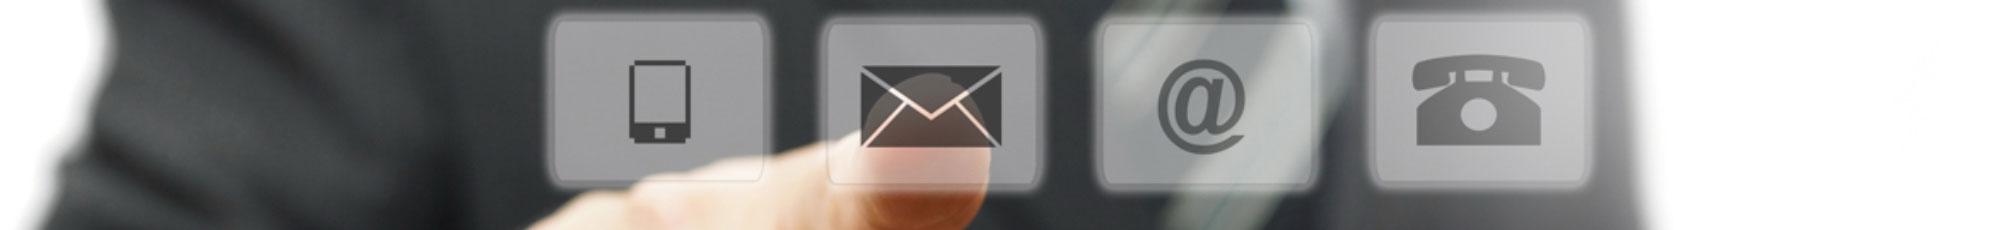 kontakt-fcc-abfall-abholen-online